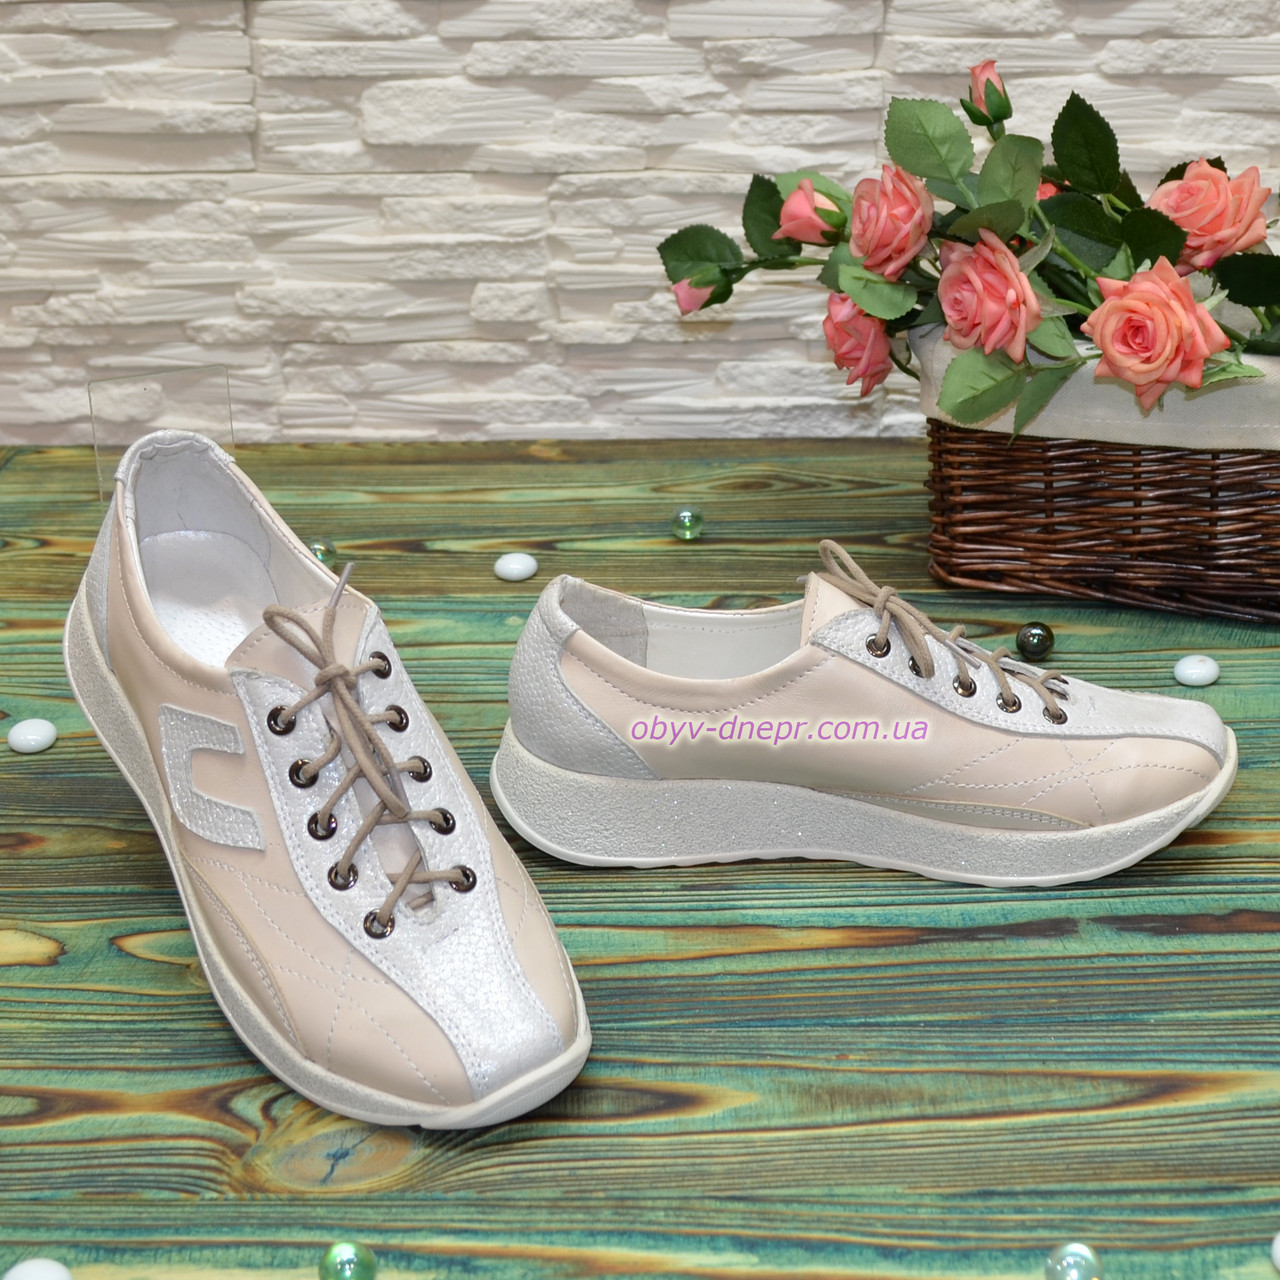 Кроссовки женские кожаные  на утолщенной белой подошве, цвет беж/белый